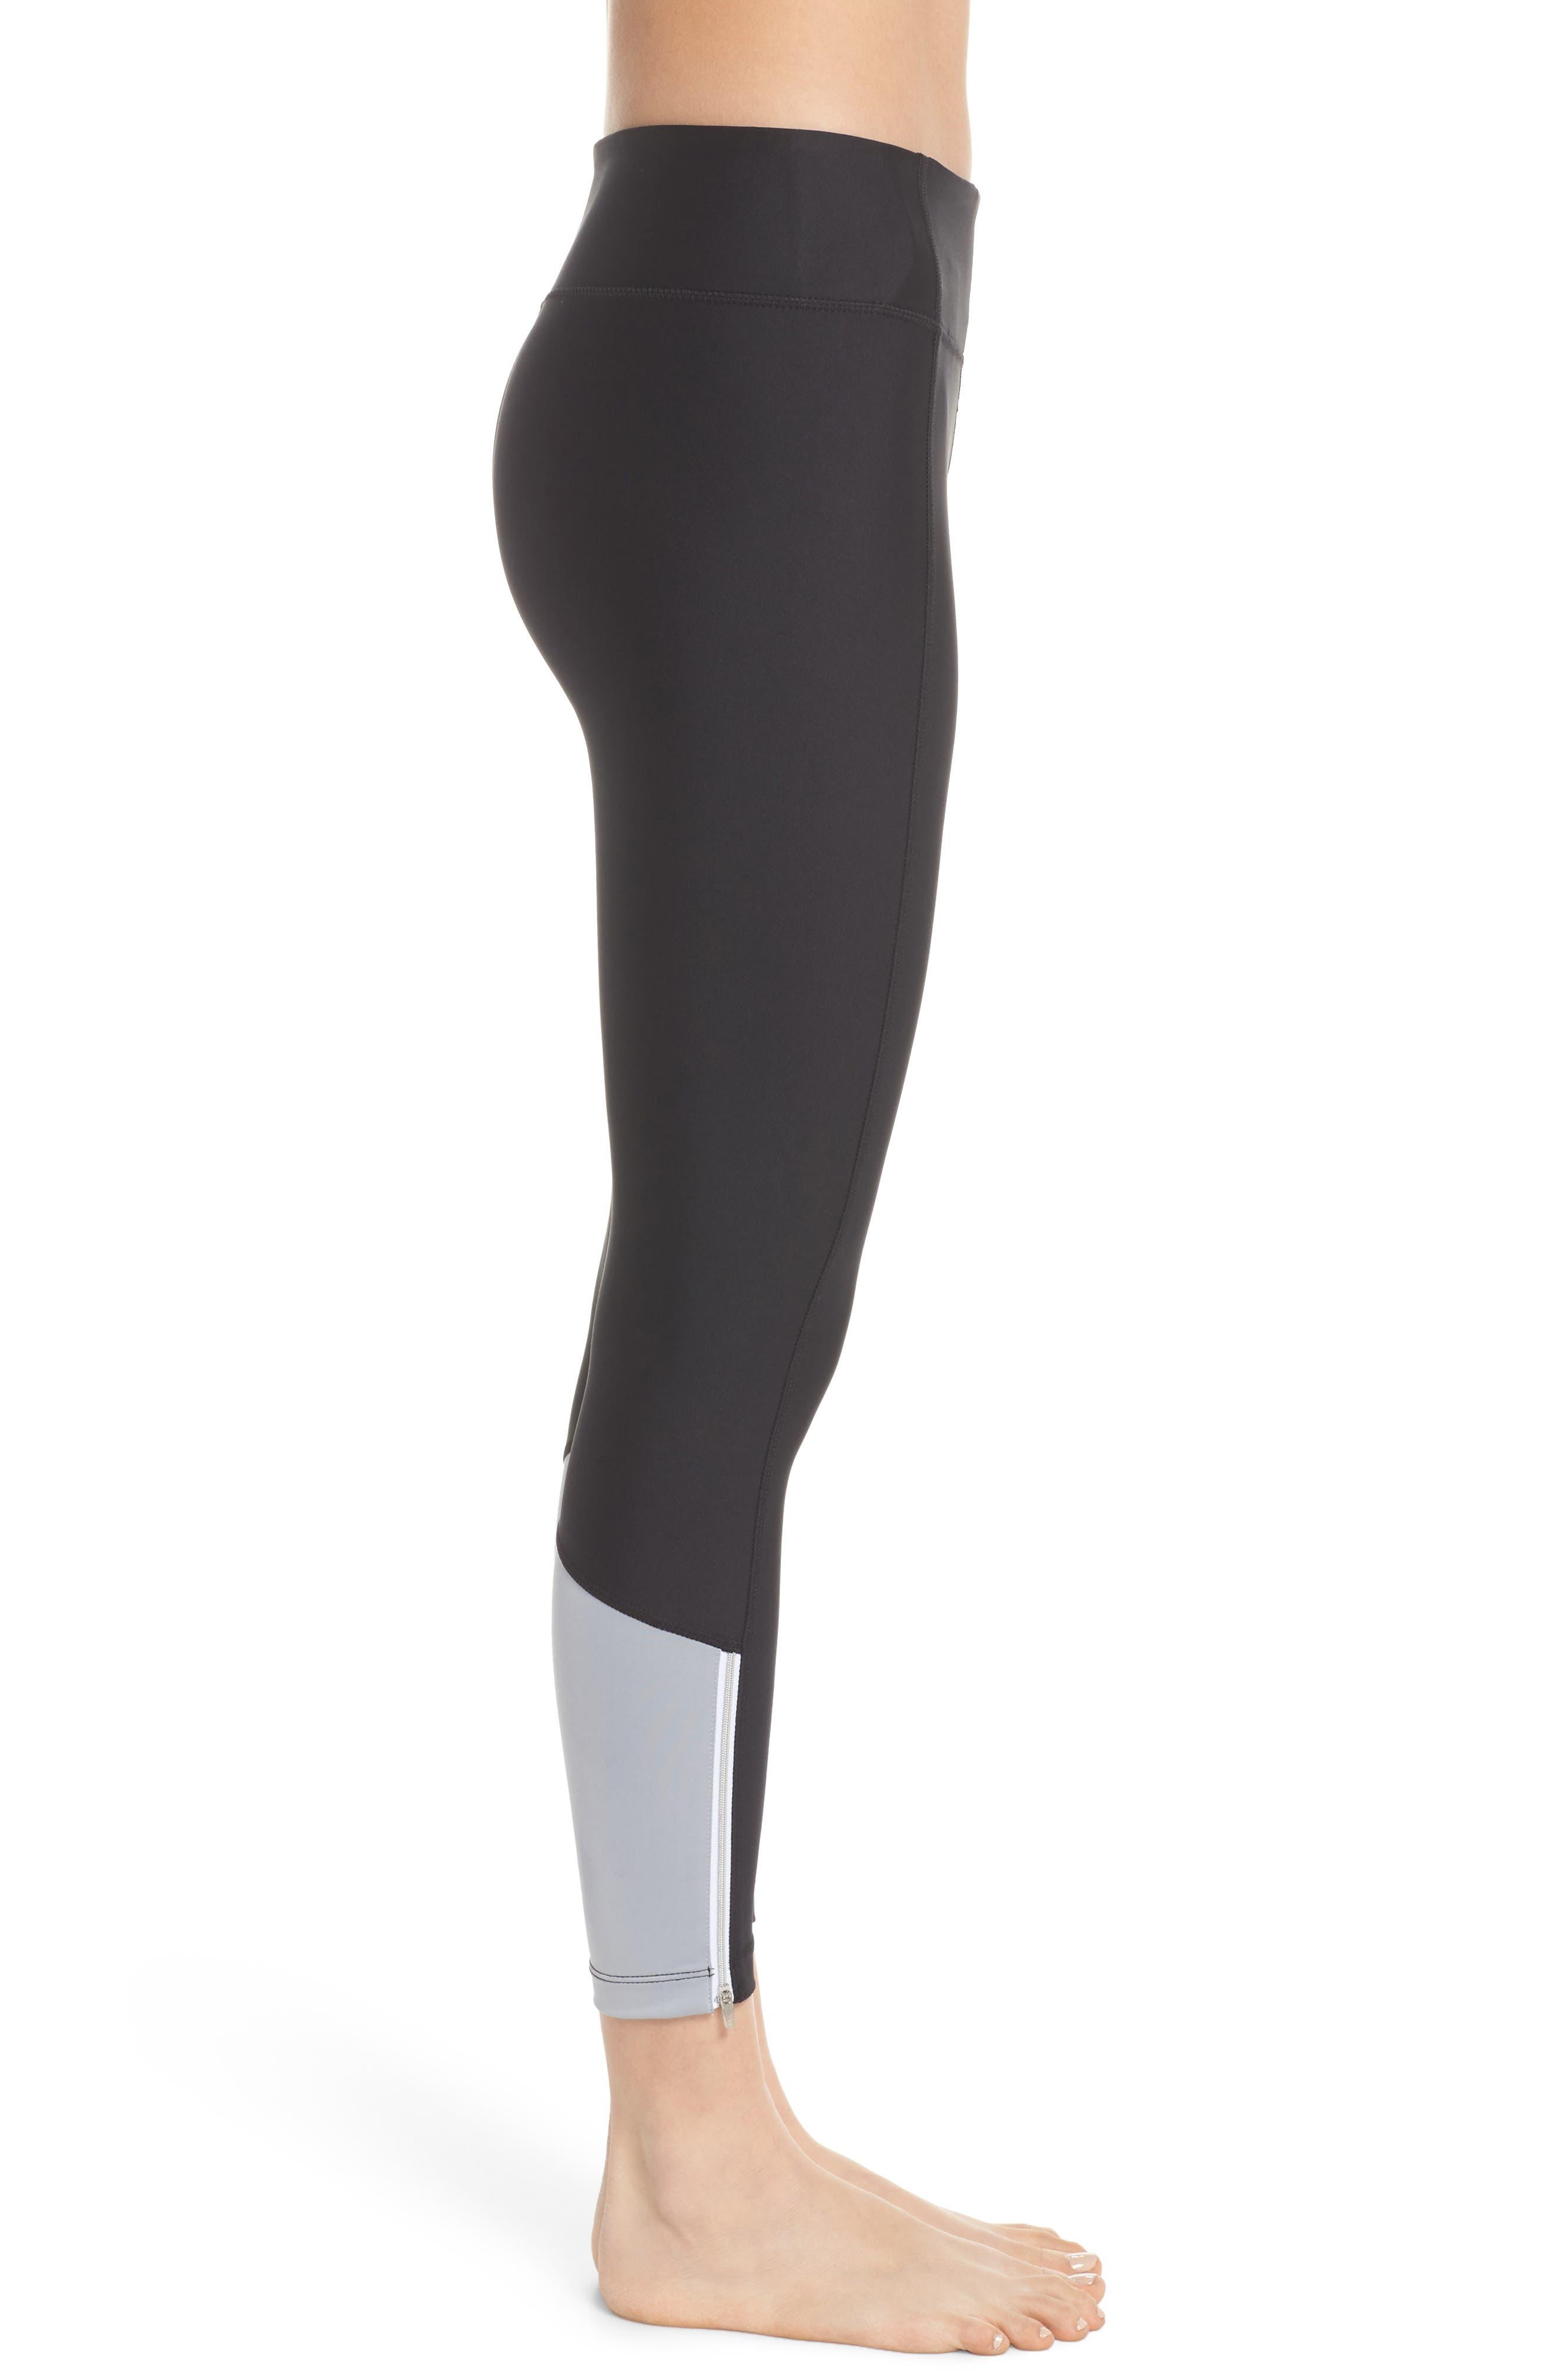 Machina Midi Leggings,                             Alternate thumbnail 3, color,                             Black